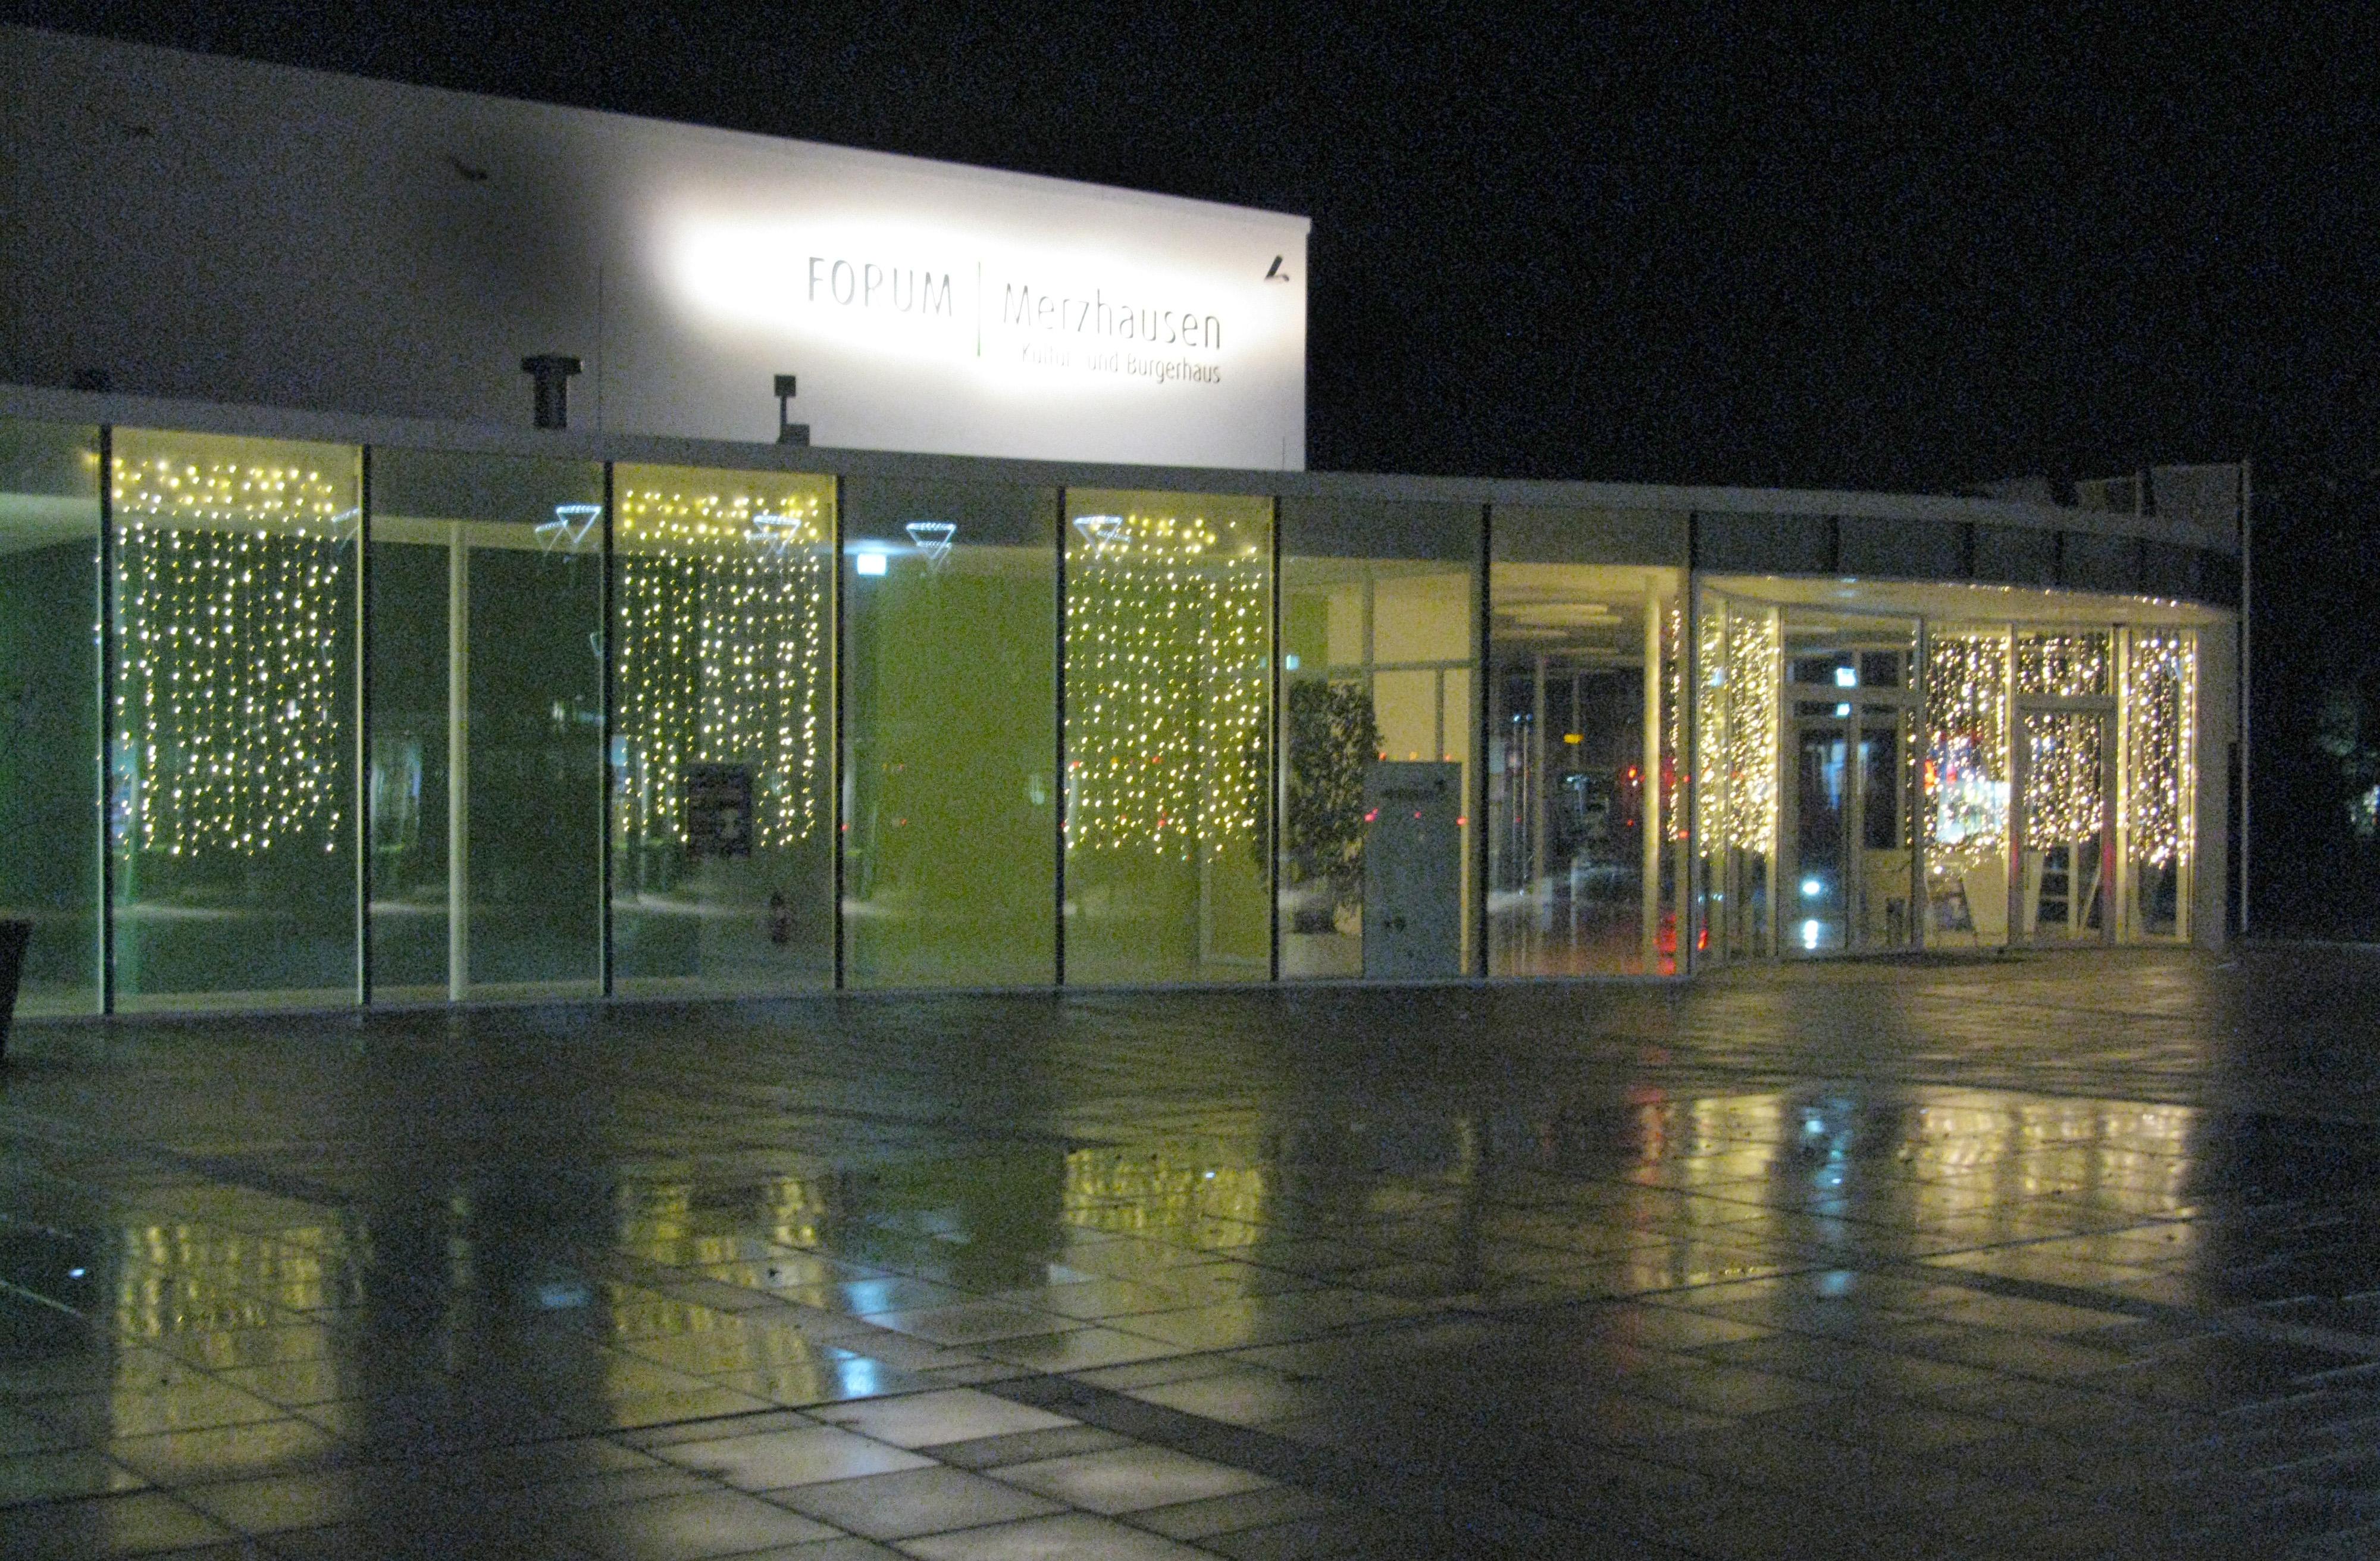 Weihnachtsbeleuchtung Forum.File Forum Merzhausen In Weihnachtsbeleuchtung 3 Jpg Wikimedia Commons